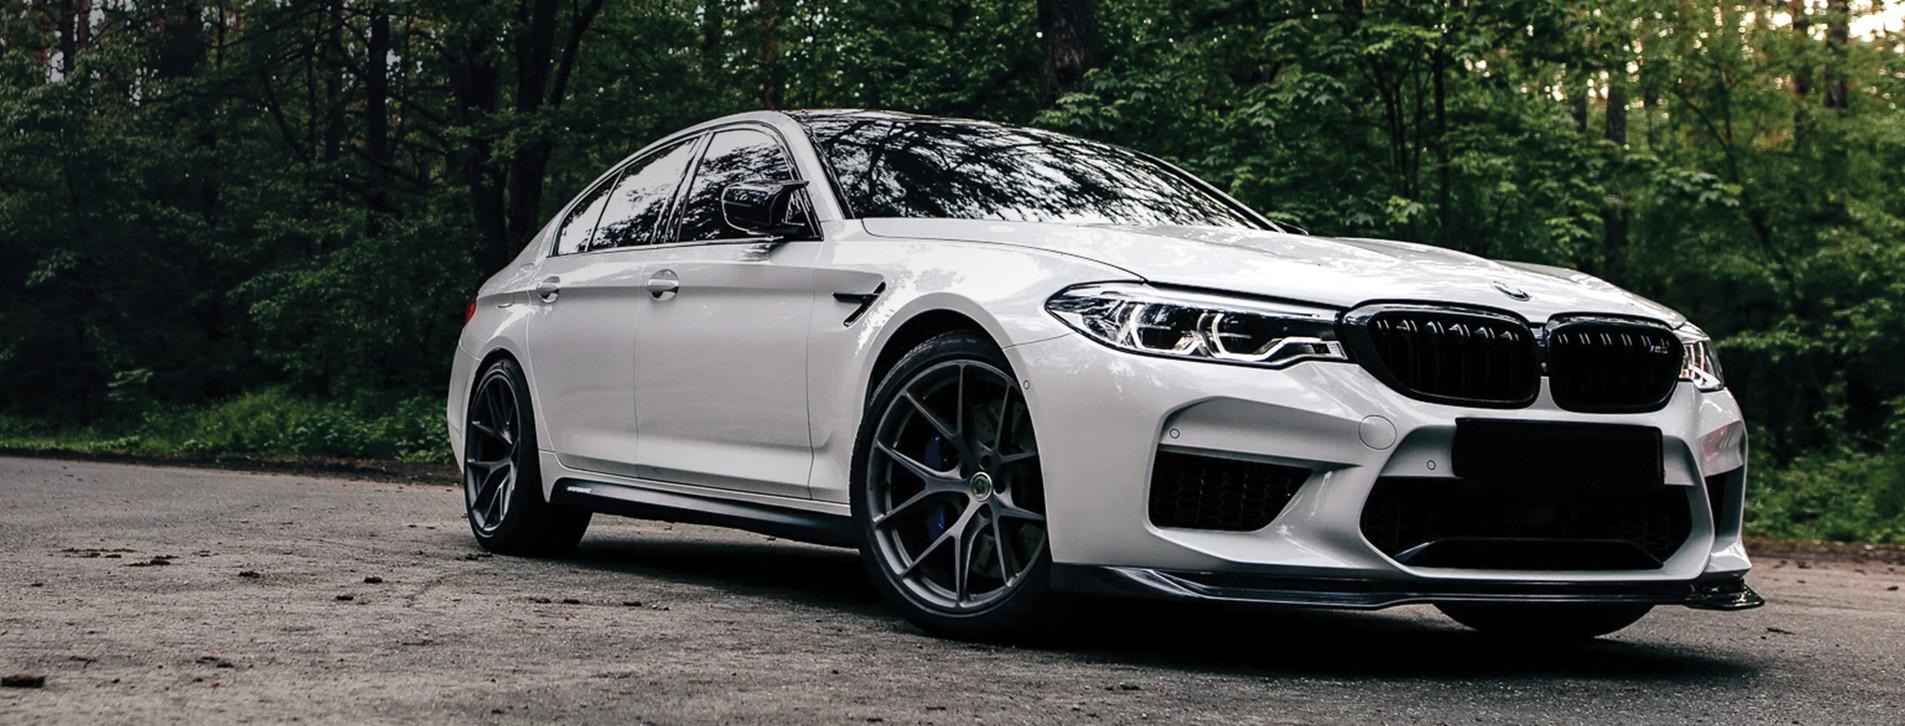 Фото - Тест-драйв суперкара BMW для двоих